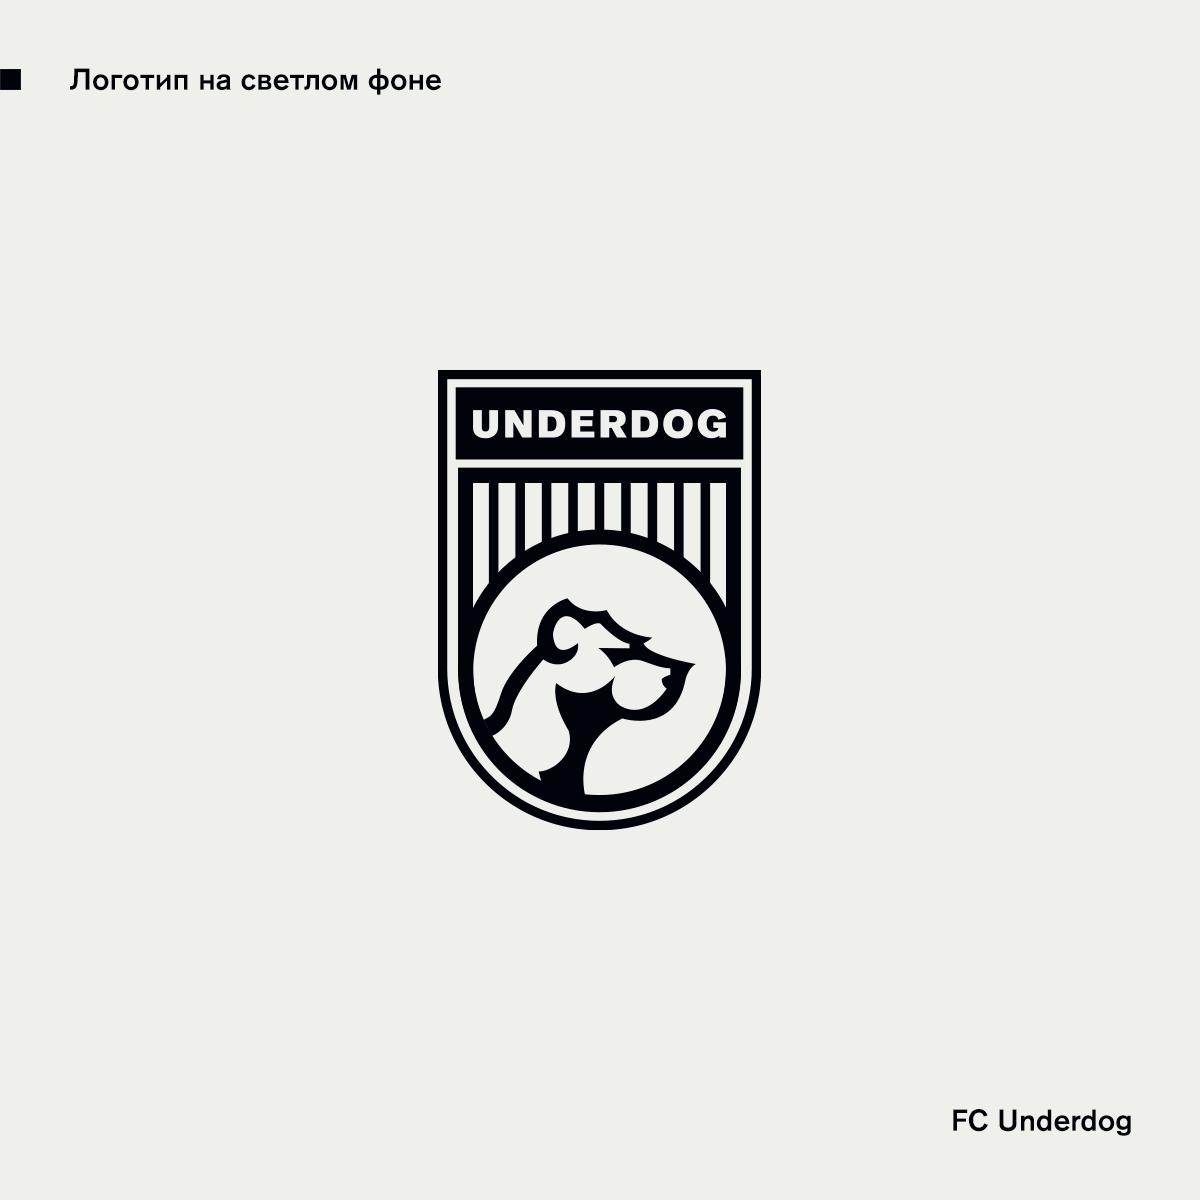 Футбольный клуб UNDERDOG - разработать фирстиль и бренд-бук фото f_8495cb31e94aea32.png